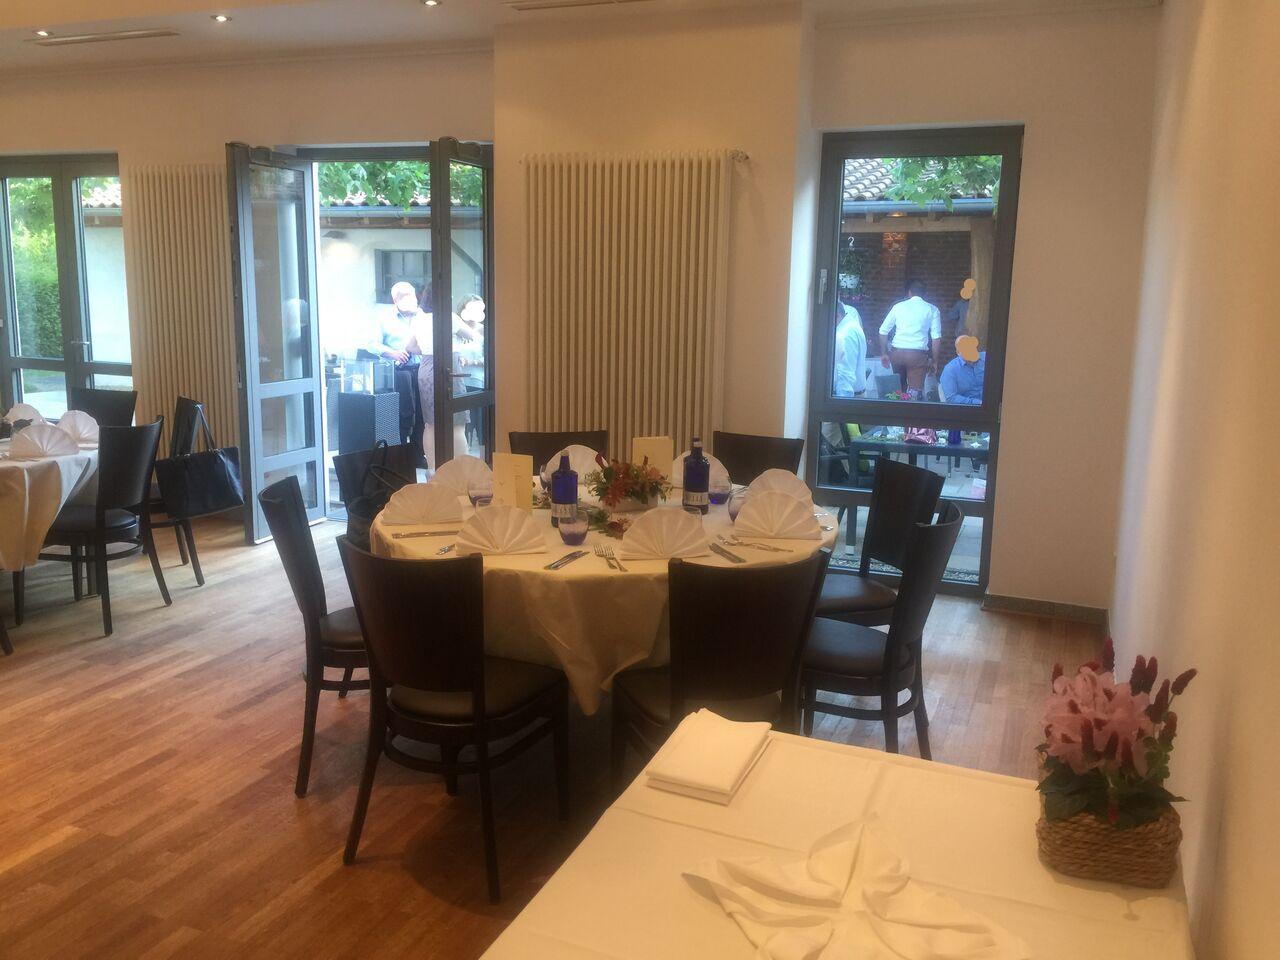 Unser Festsaal ist individuell auf Ihre Feier bestuhlbar. Ob runde Tische, lieber lange Tischtafeln, Stehtische...